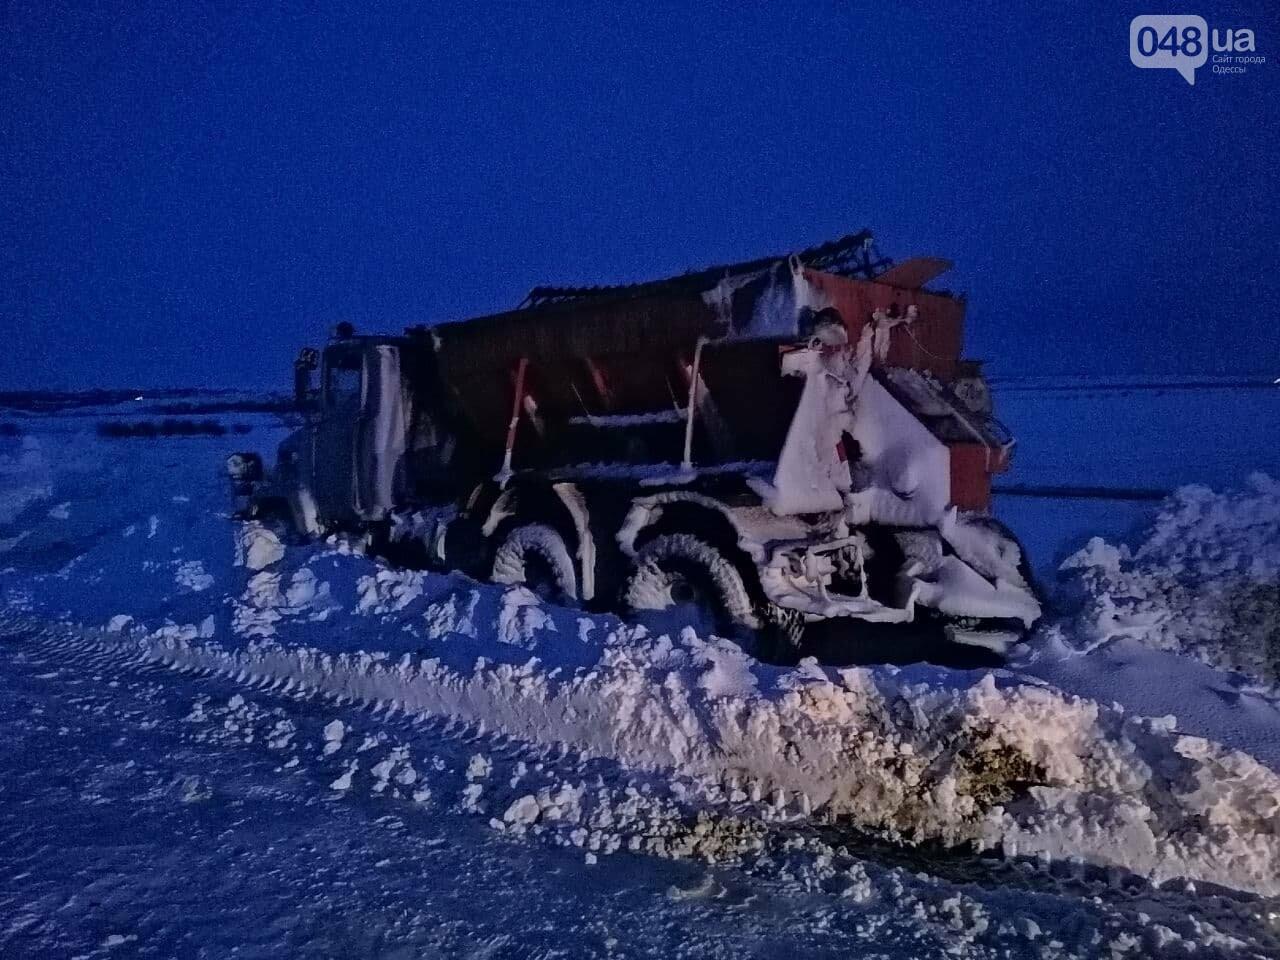 Трасса Одесса-Рени: брошенные автомобили, трактора и сугробы,- ВИДЕО, ФОТО, фото-17